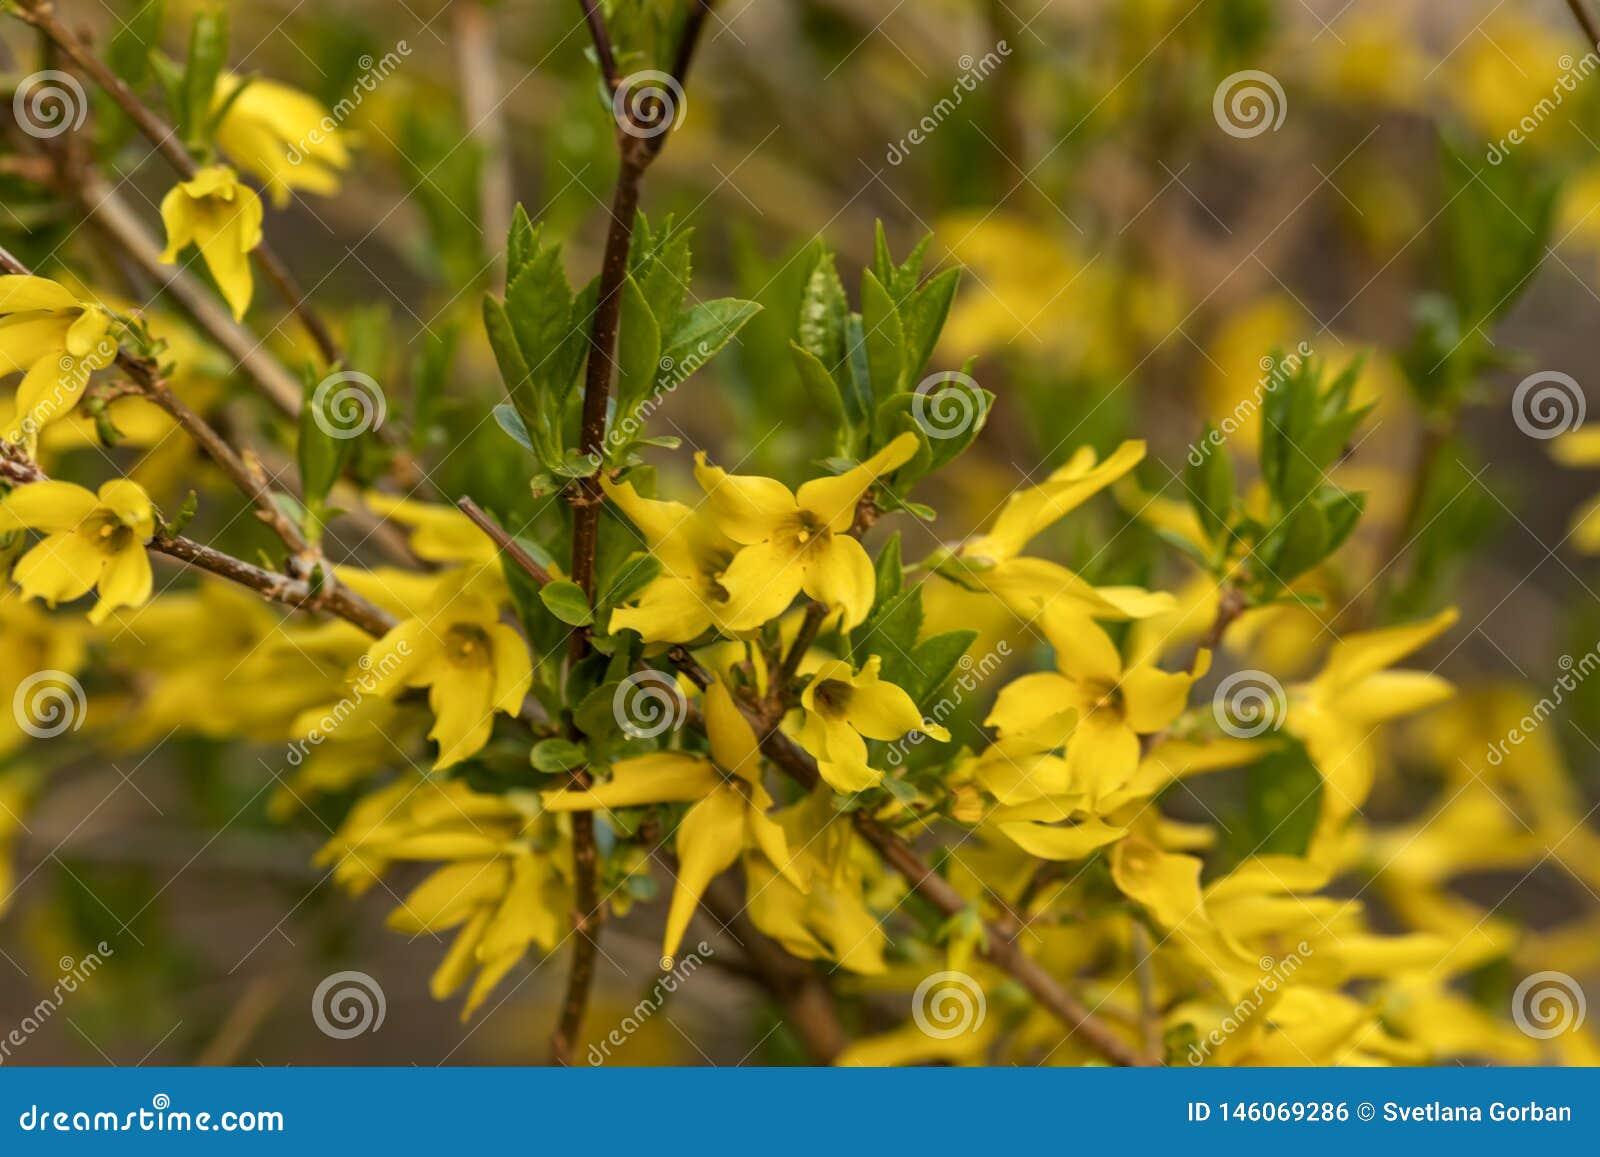 Gelbe Blumen auf einem Busch im Stadtgarten an einem sonnigen Frühlingstag